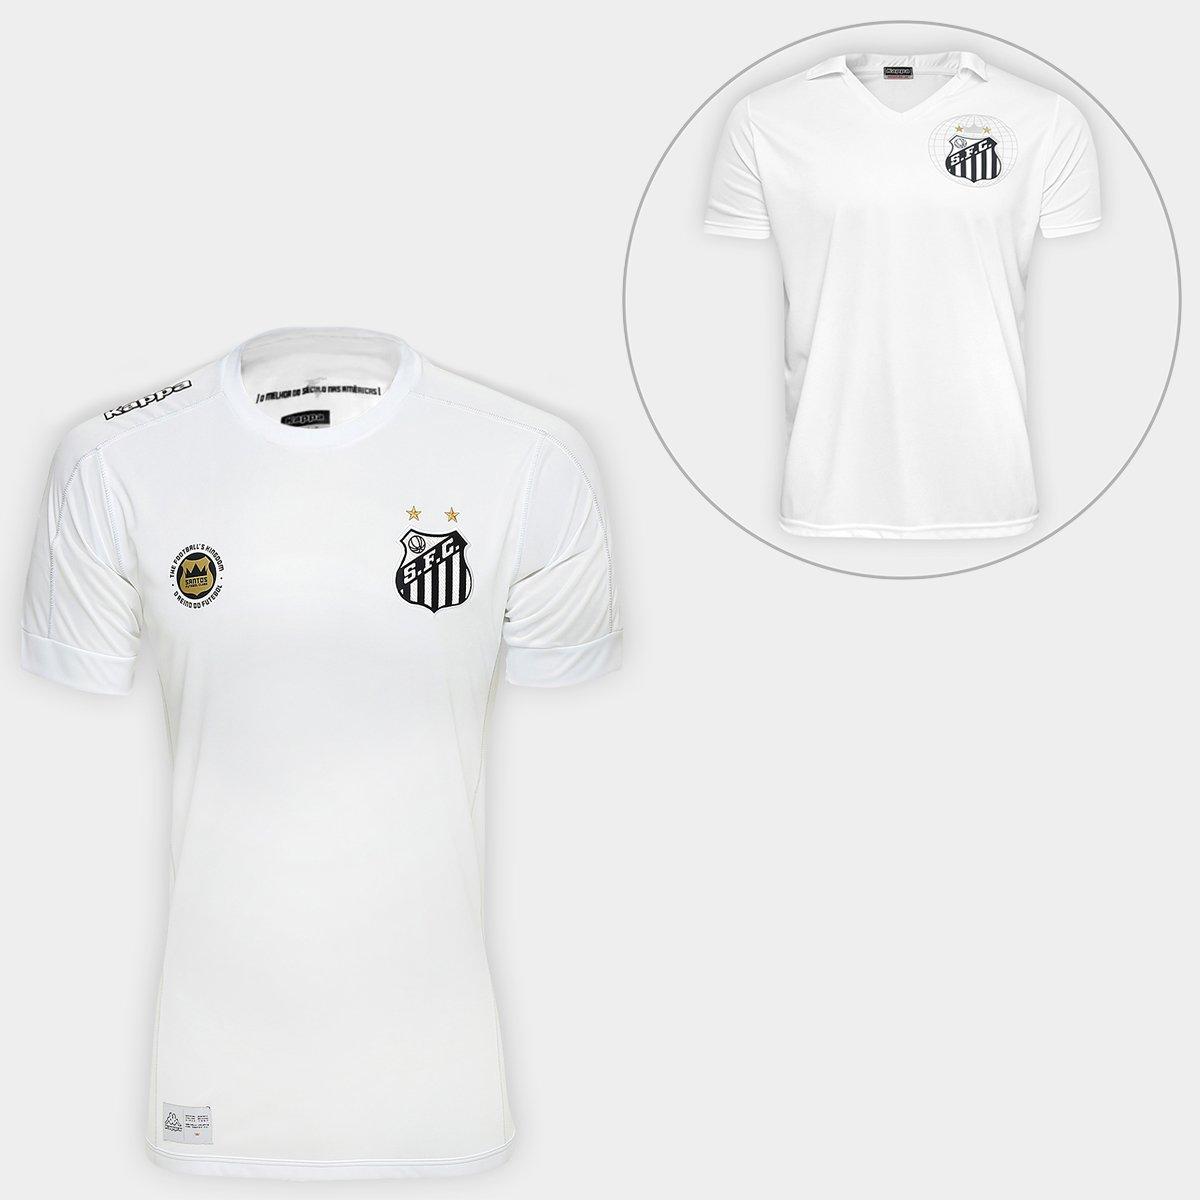 79b3d838a22d3 Super Kit Santos - Camisa Santos I 17 18 s nº Torcedor Kappa + Camisa Santos  2010 s nº Masculina - Compre Agora